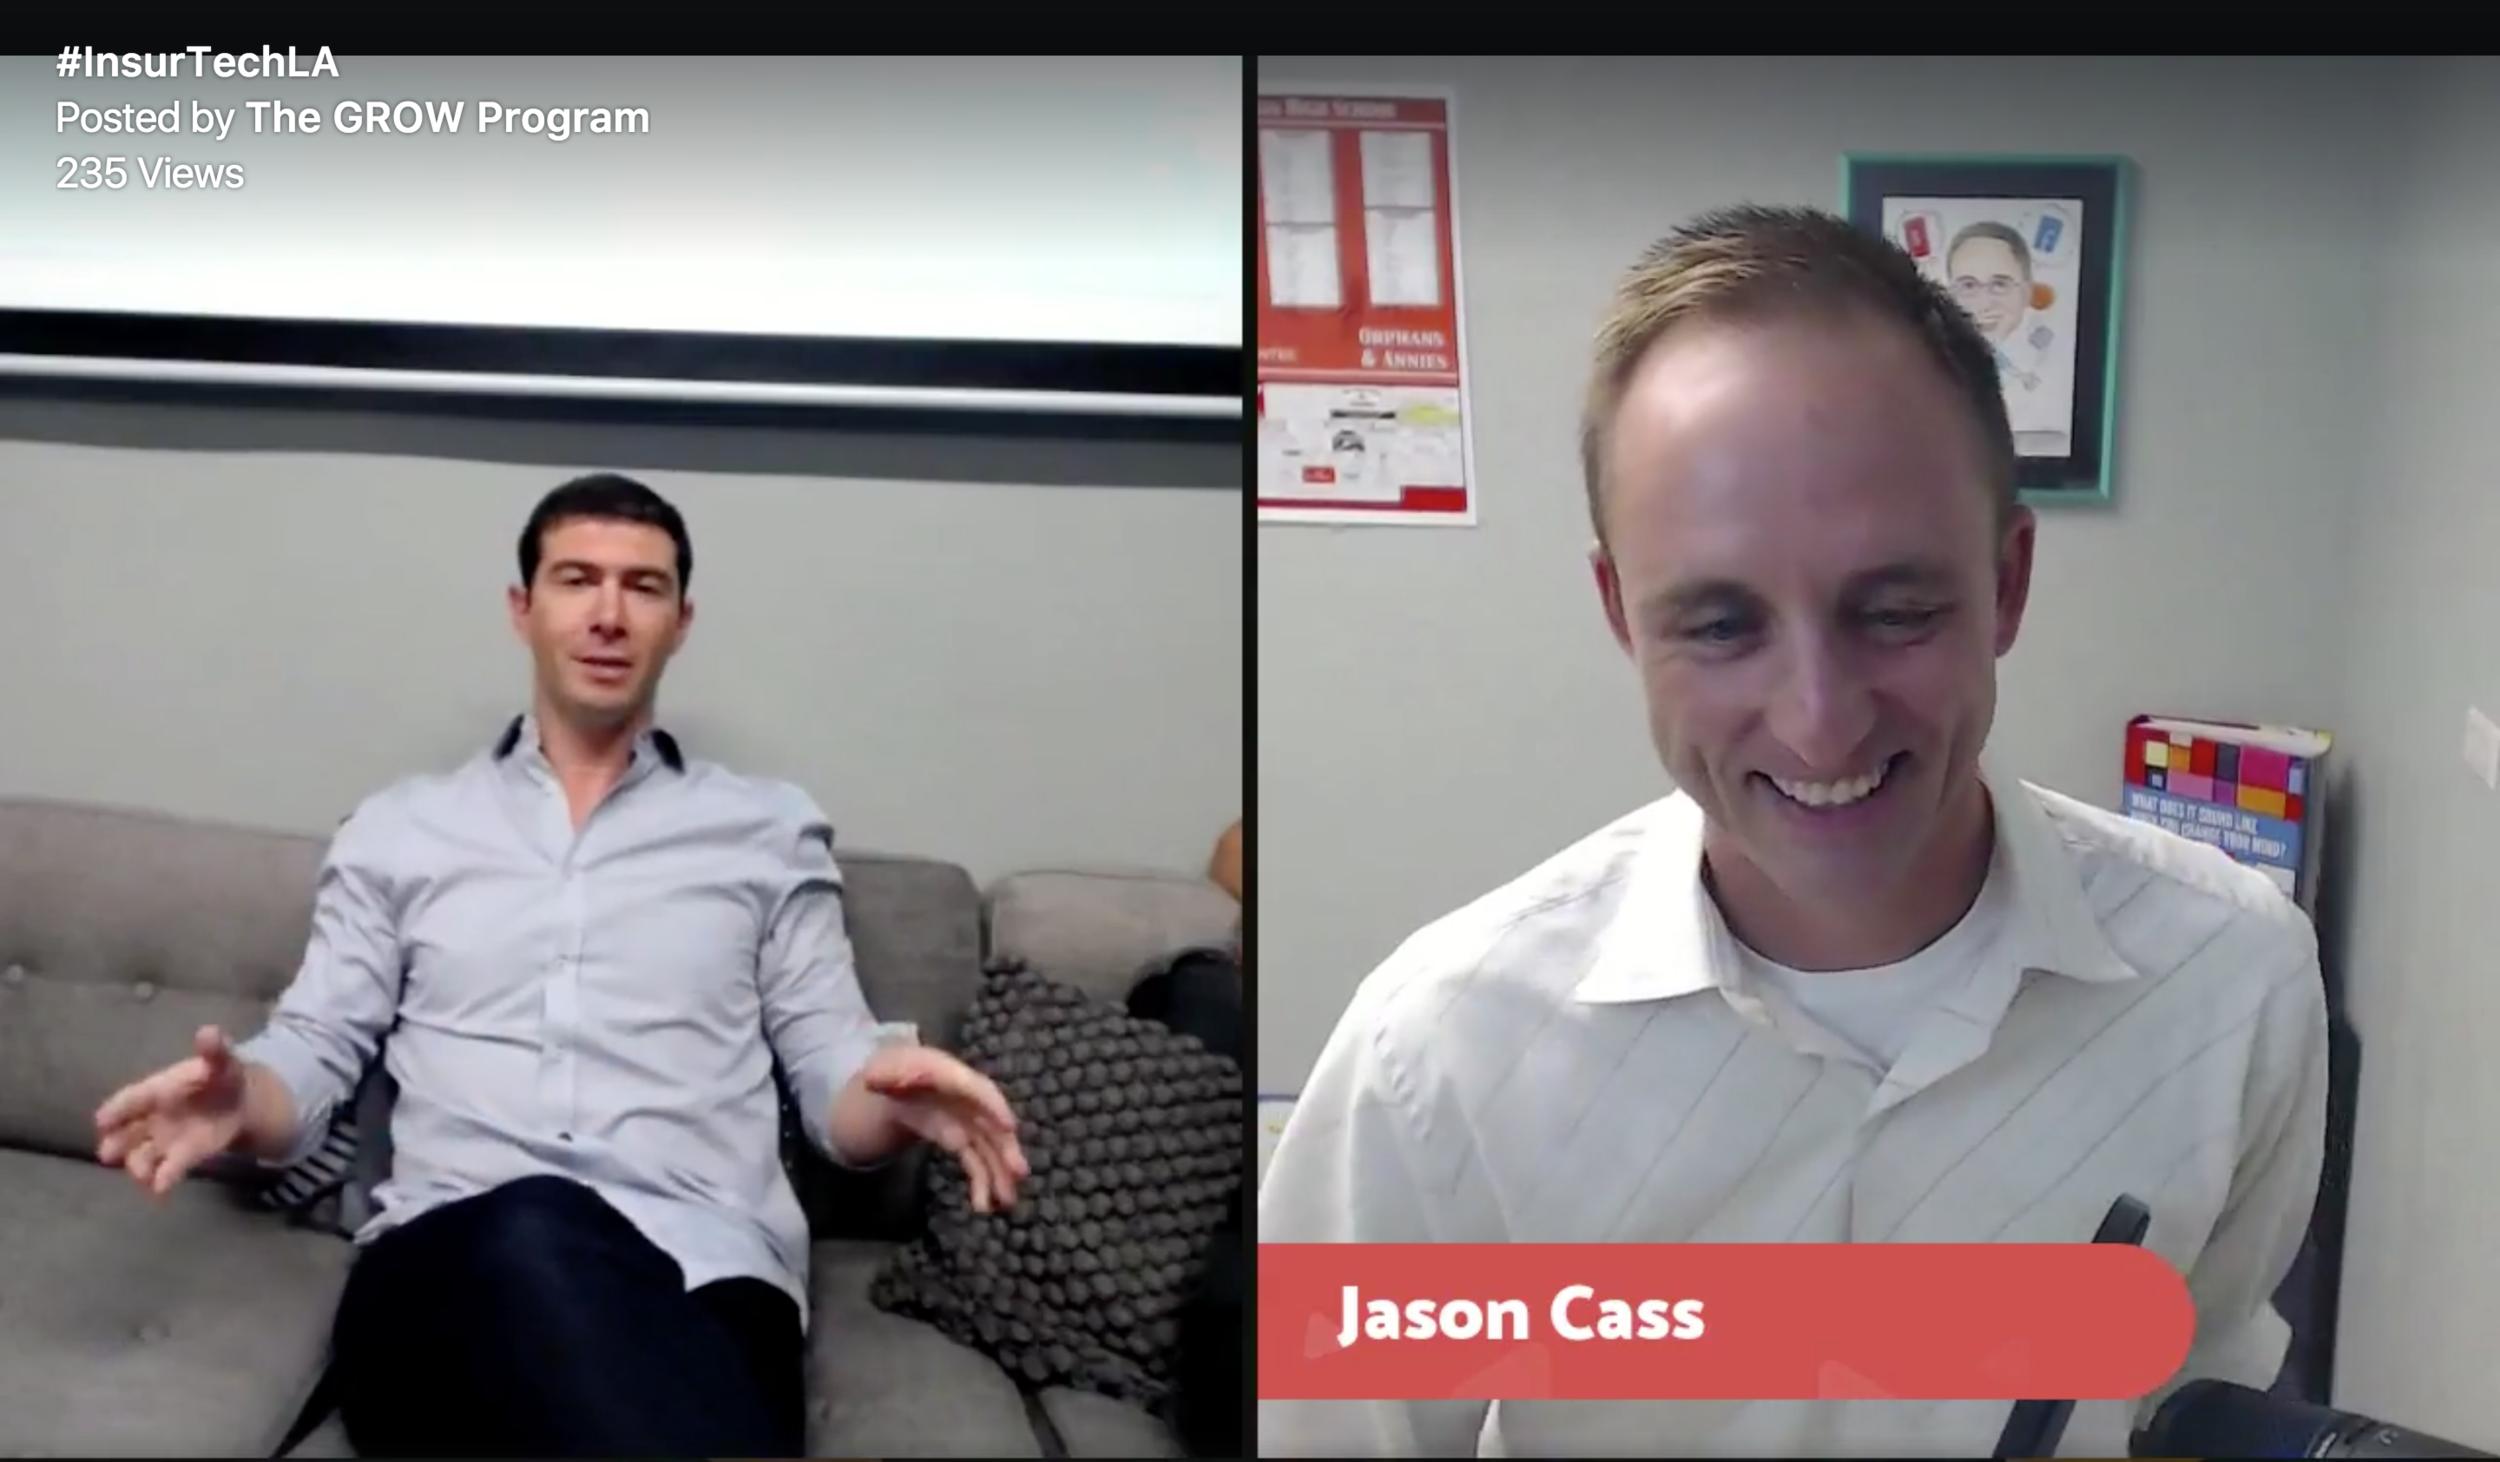 @LAinsurTech with Jason Cass